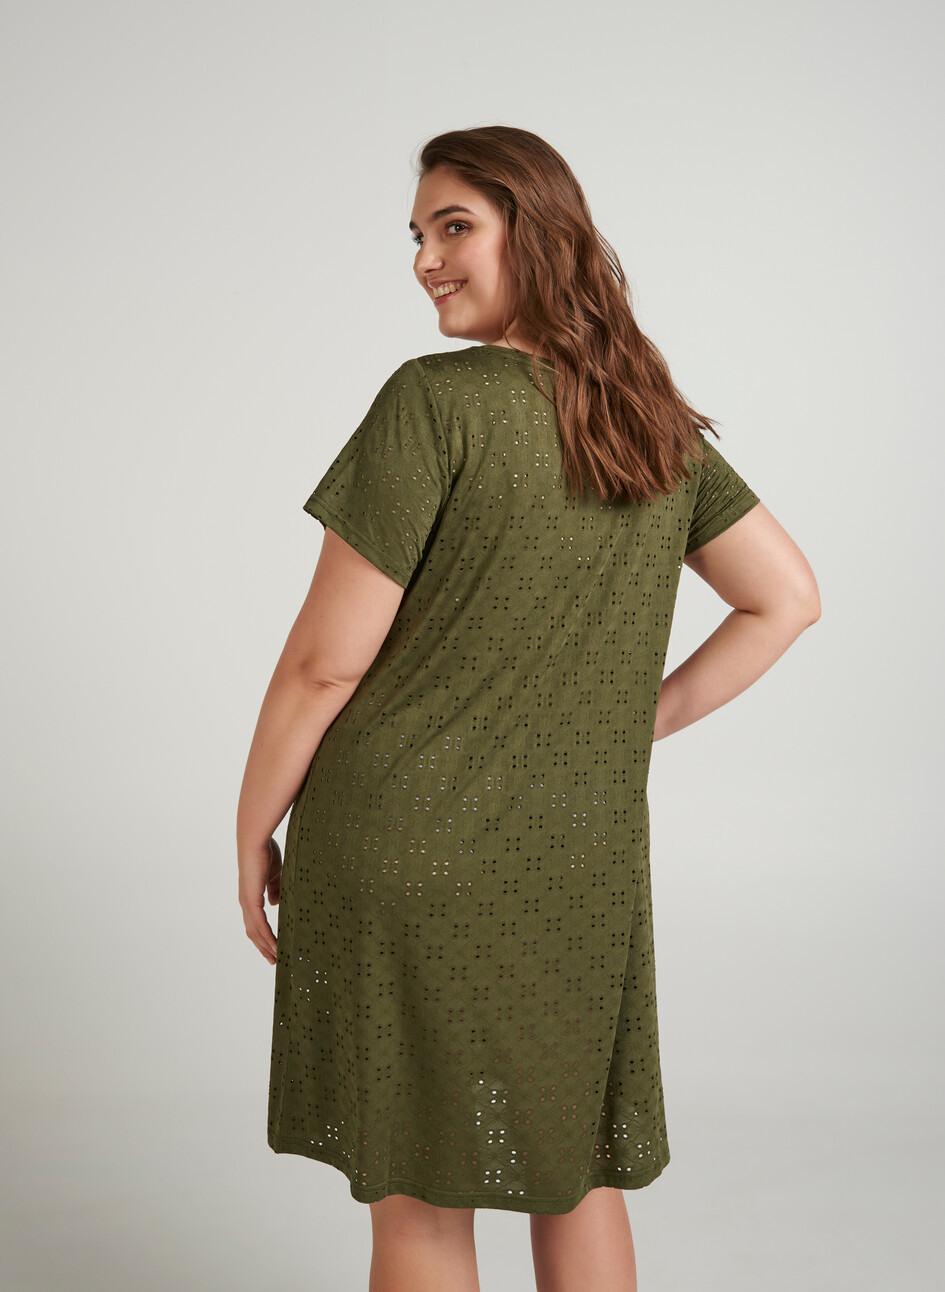 Kleid Mit Kurzen Ärmeln  Grün  Str 4256  Zizziat